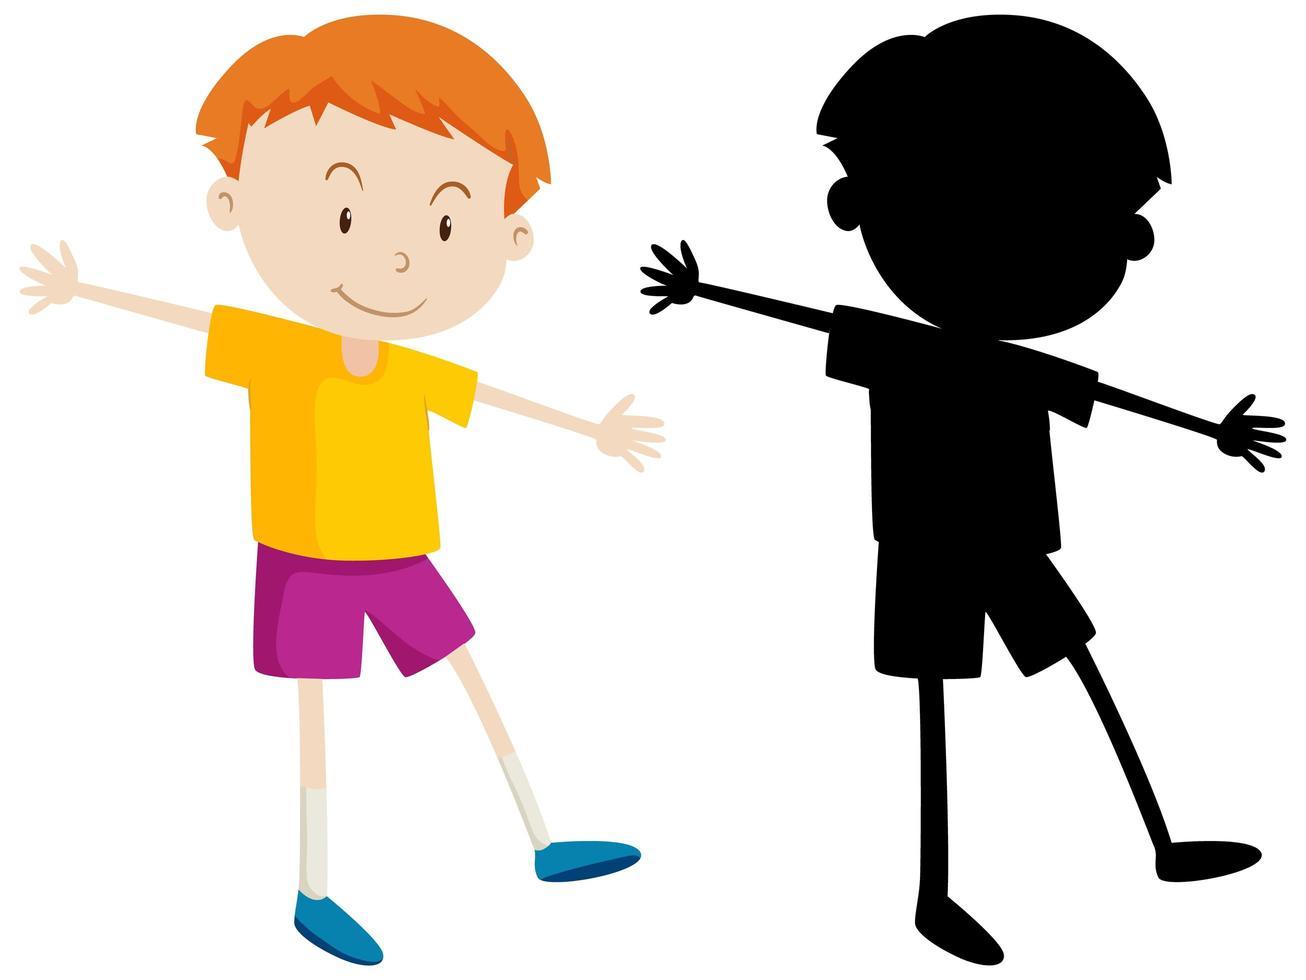 dessin animé, garçon, couleur, et, silhouette, ensemble vecteur